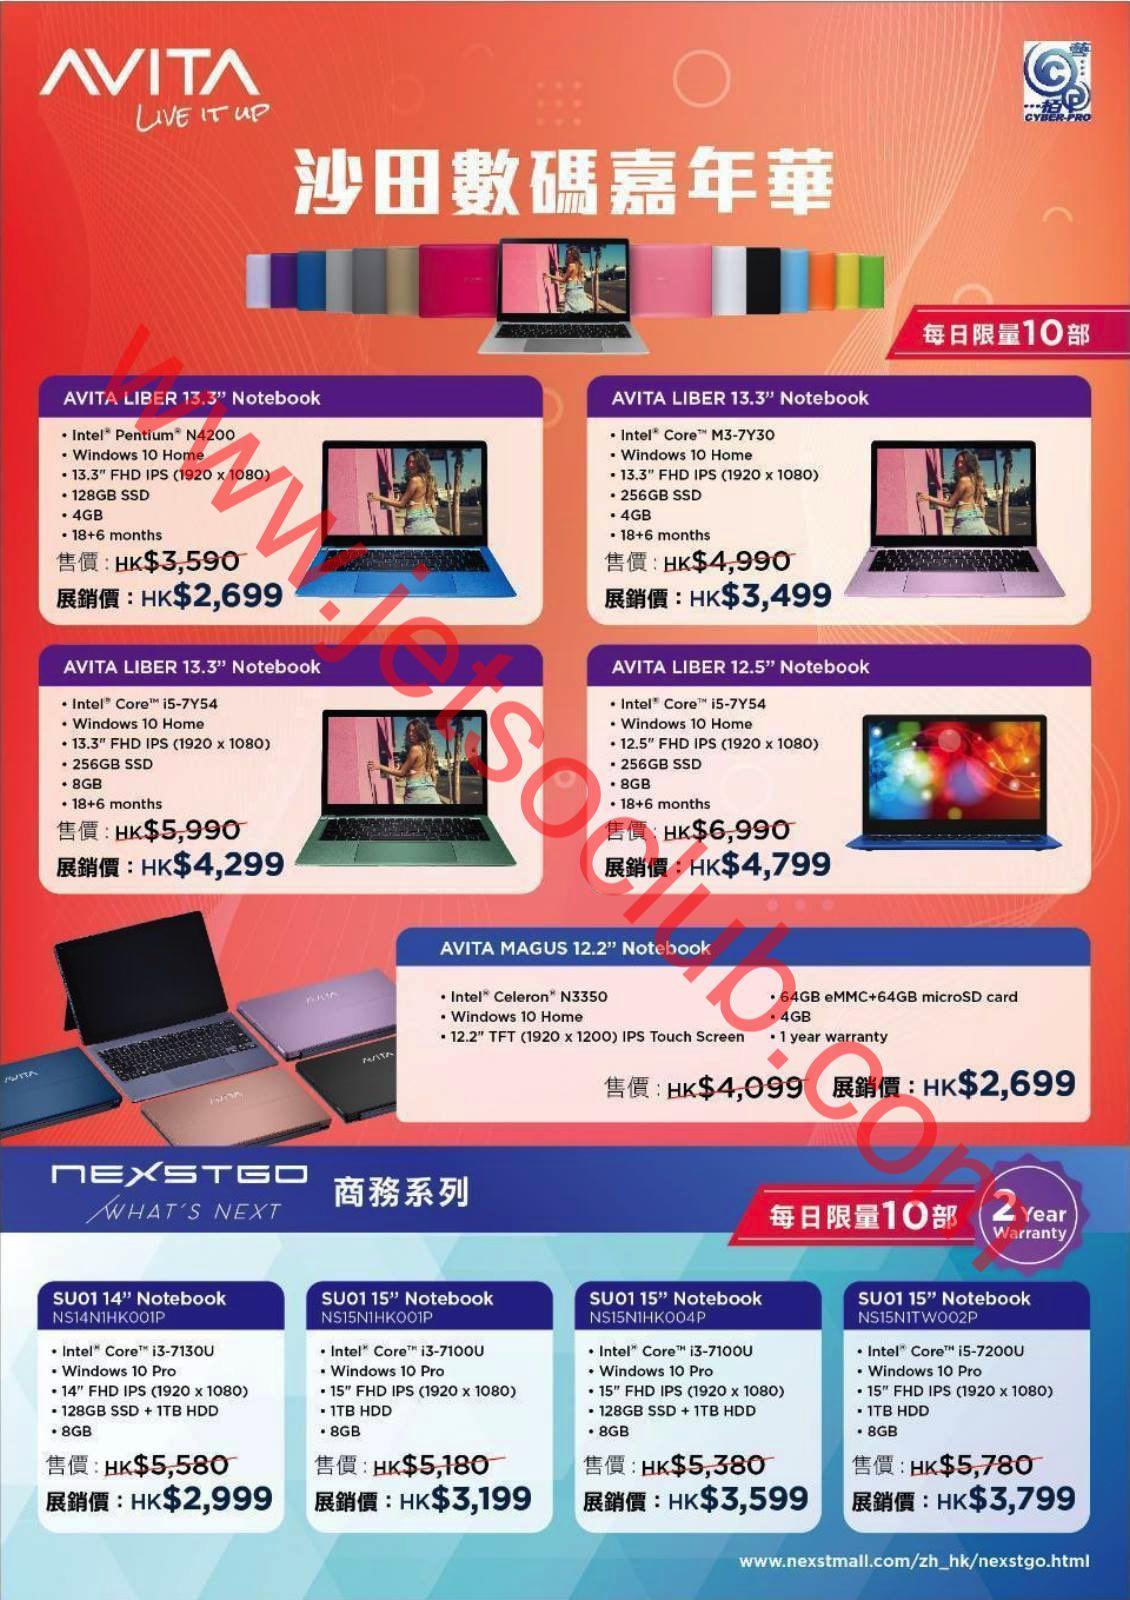 沙田數碼嘉年華 電腦大減價 低至5折(18-22/4) ( Jetso Club 著數俱樂部 )